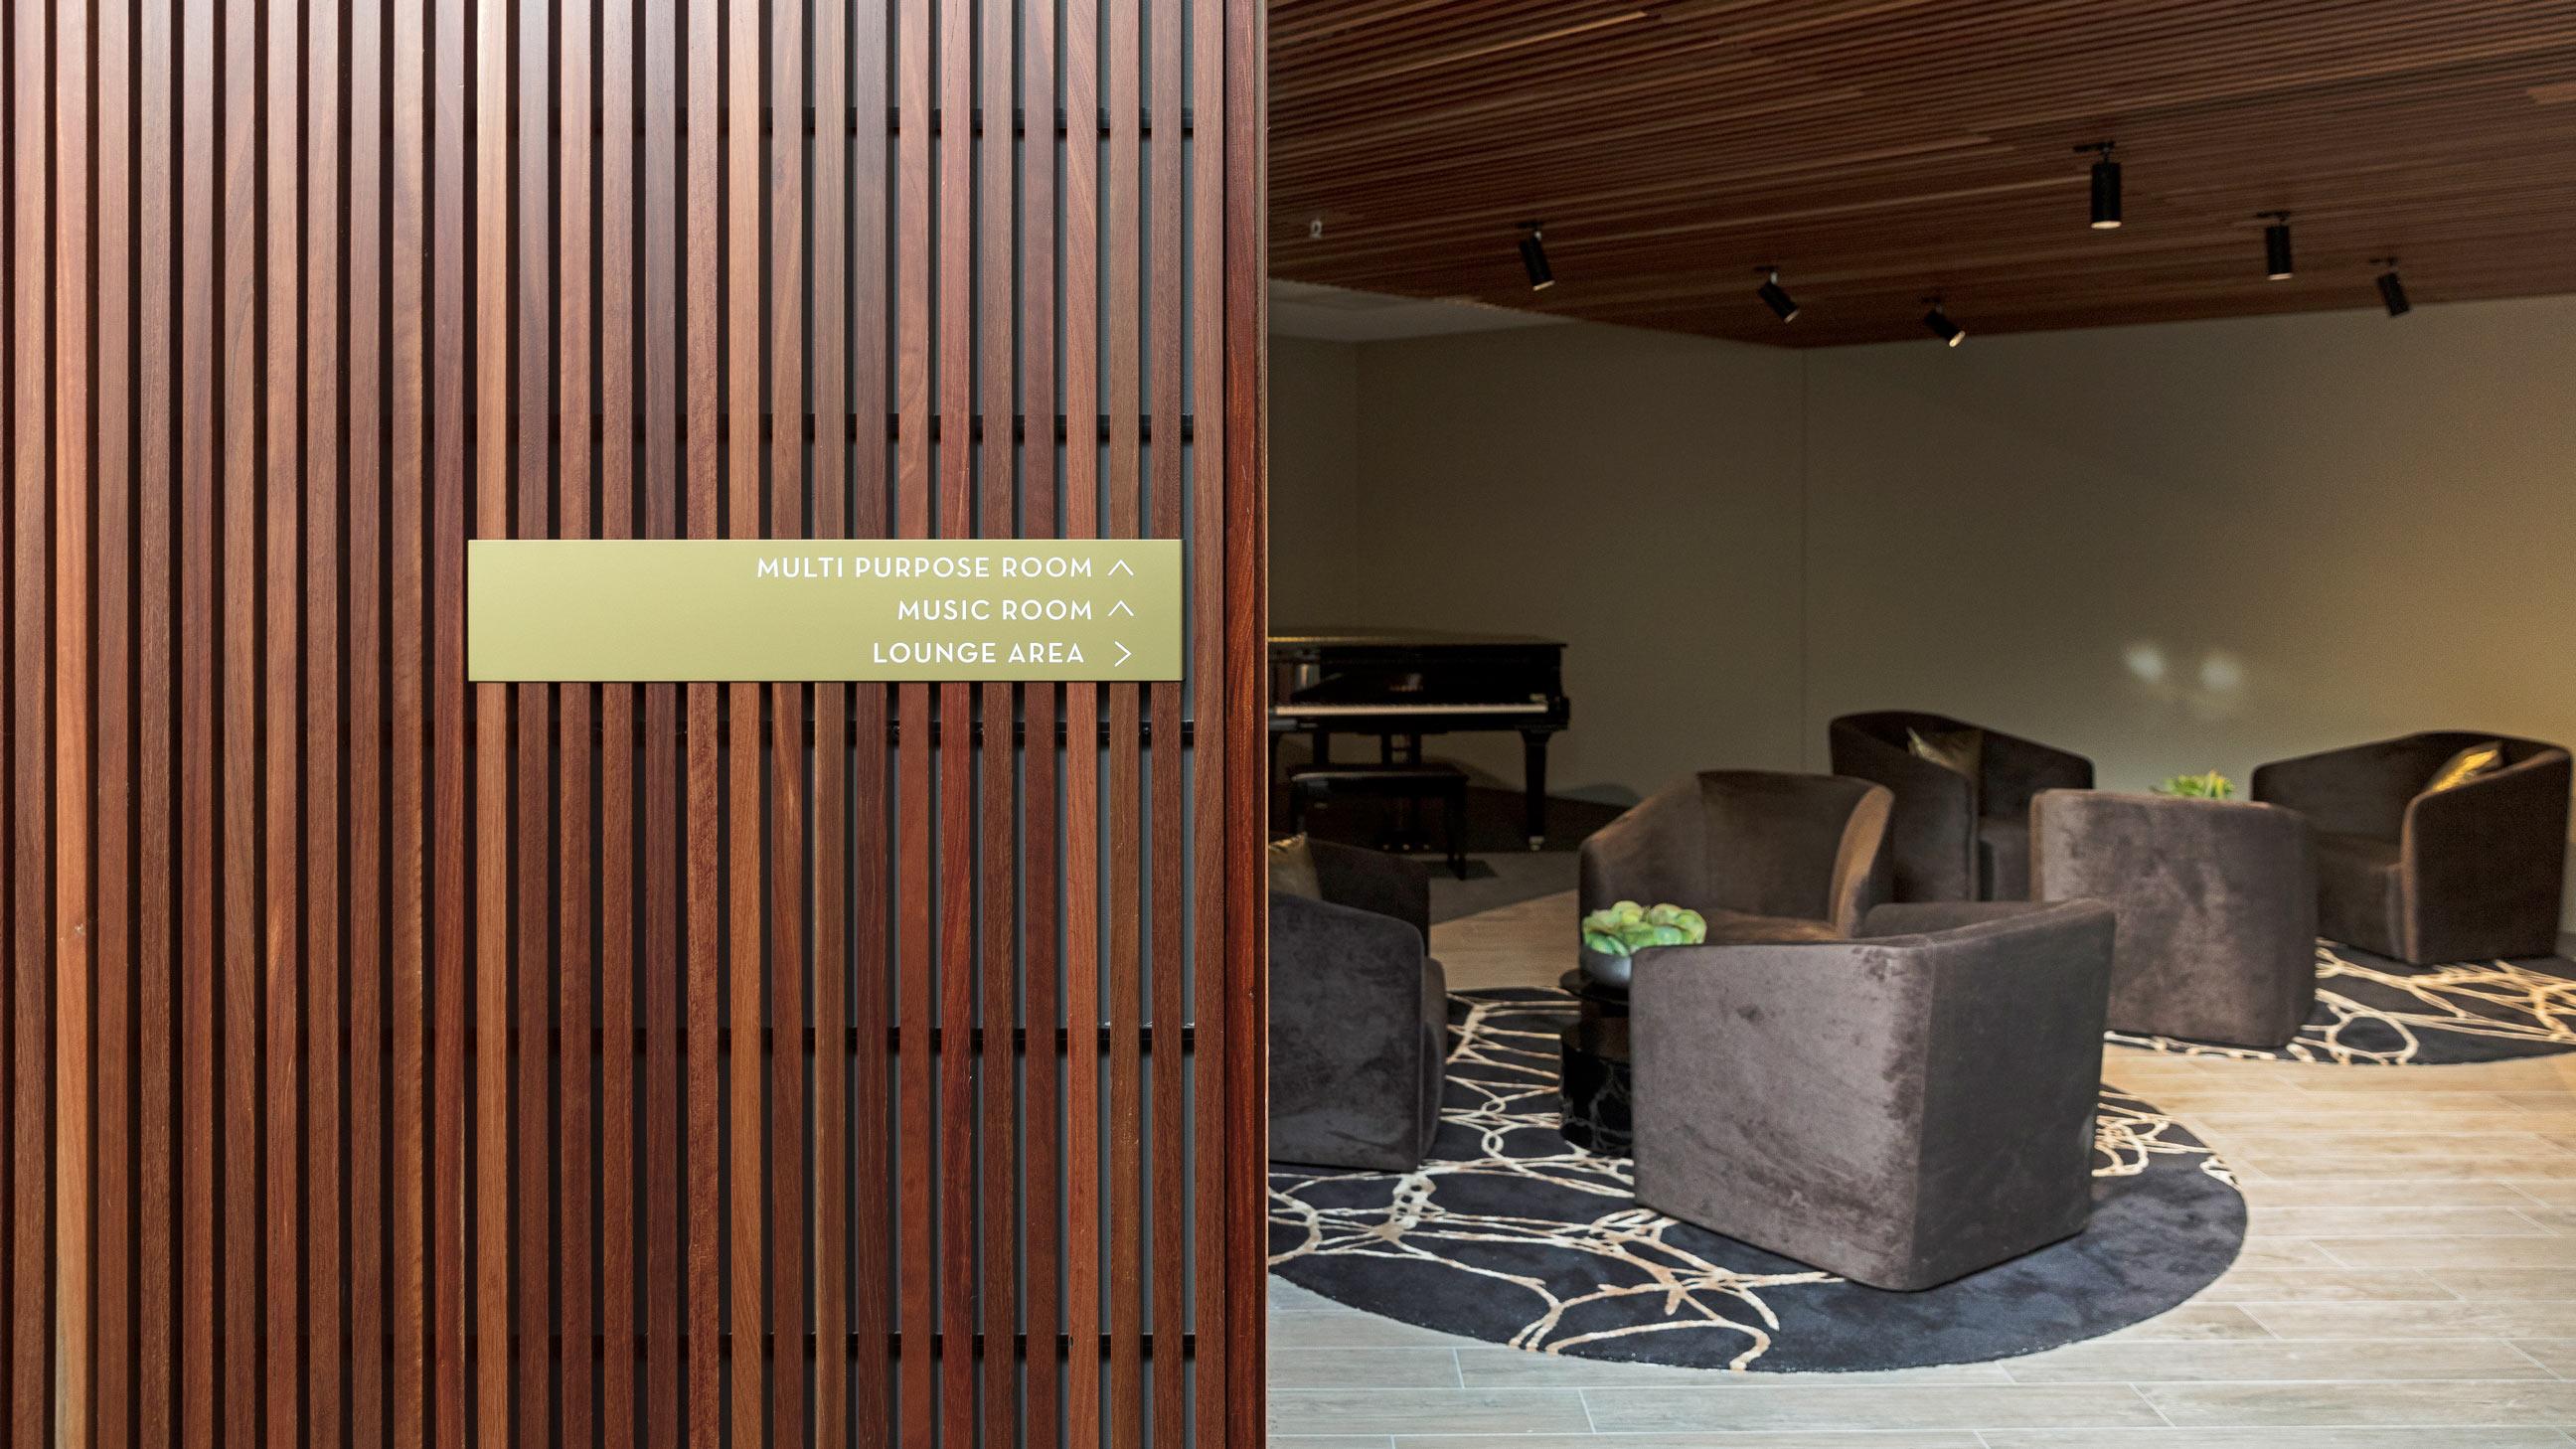 皇冠绿洲公寓空间及标识设计© Turner Studio